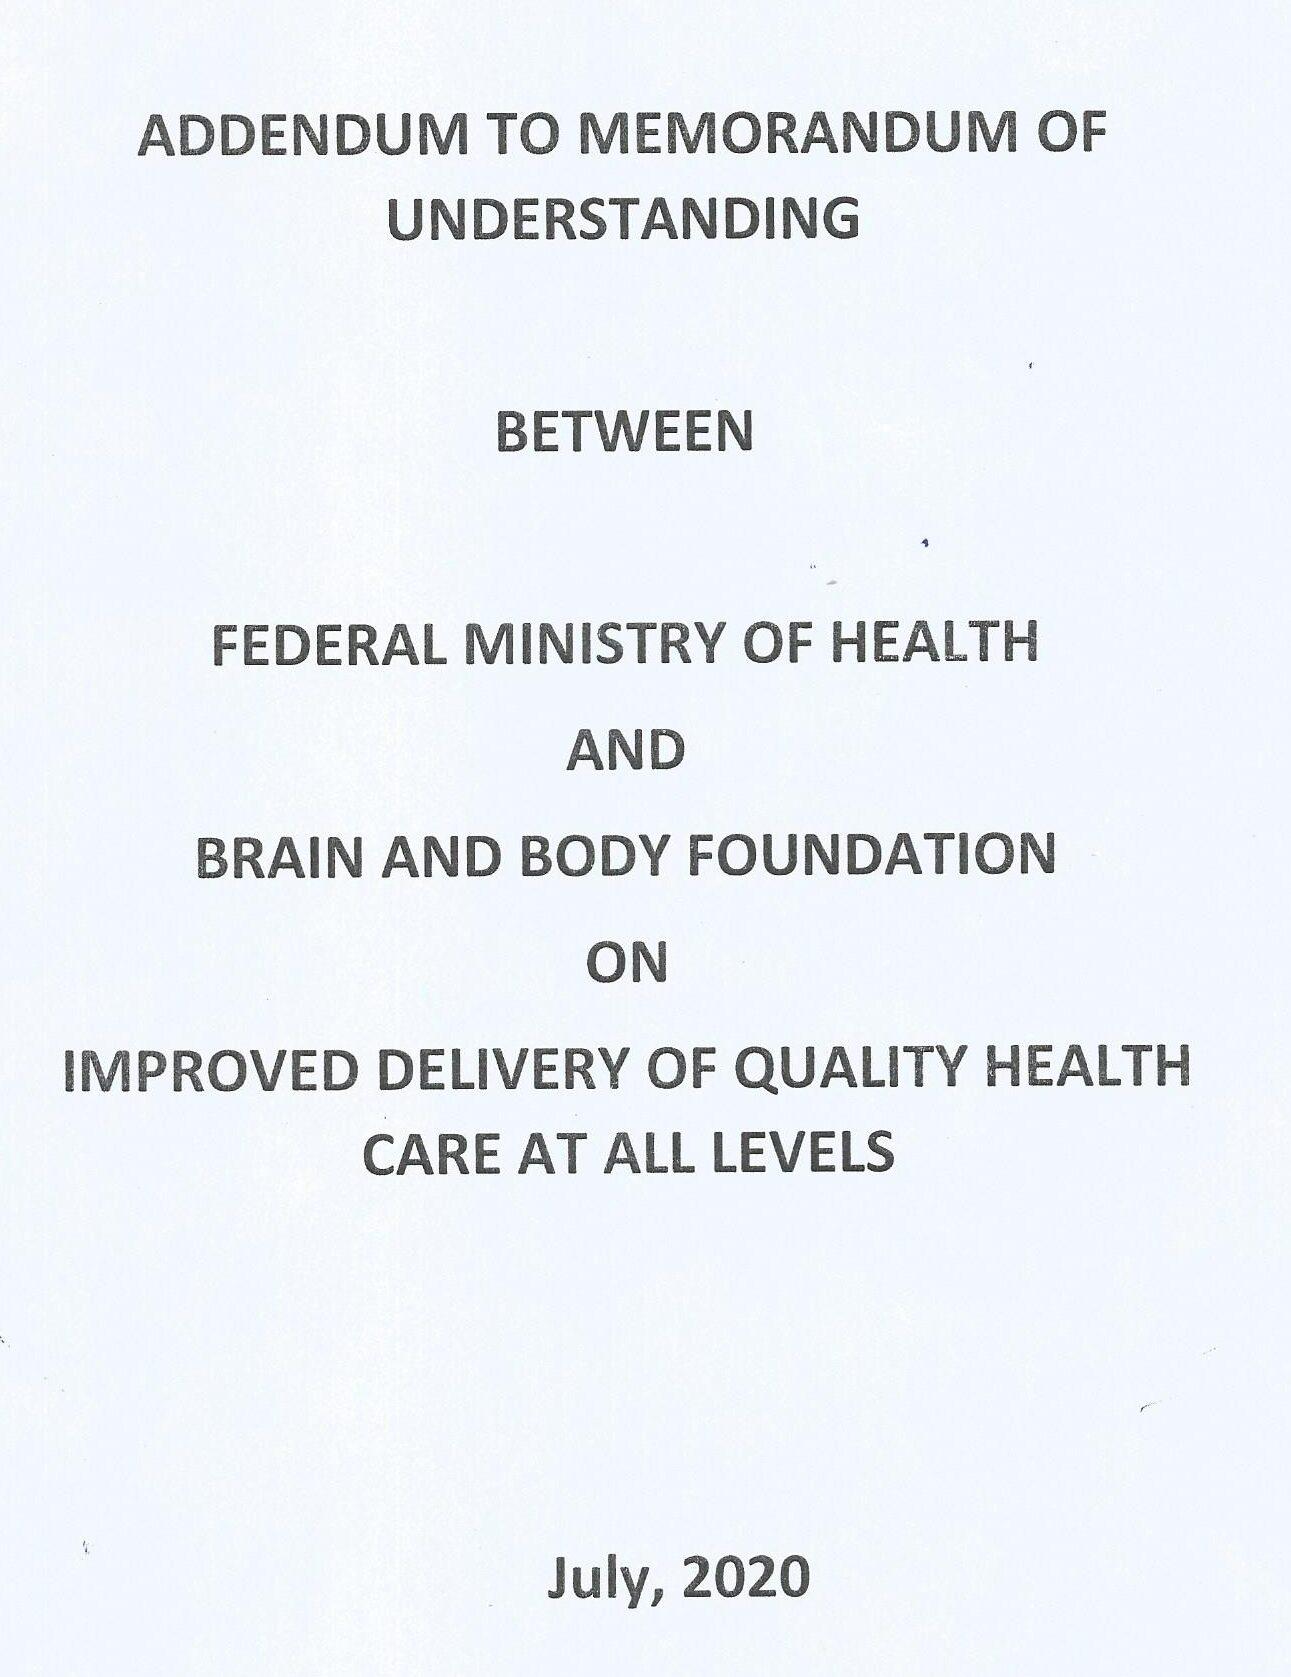 MOU PAGE 1